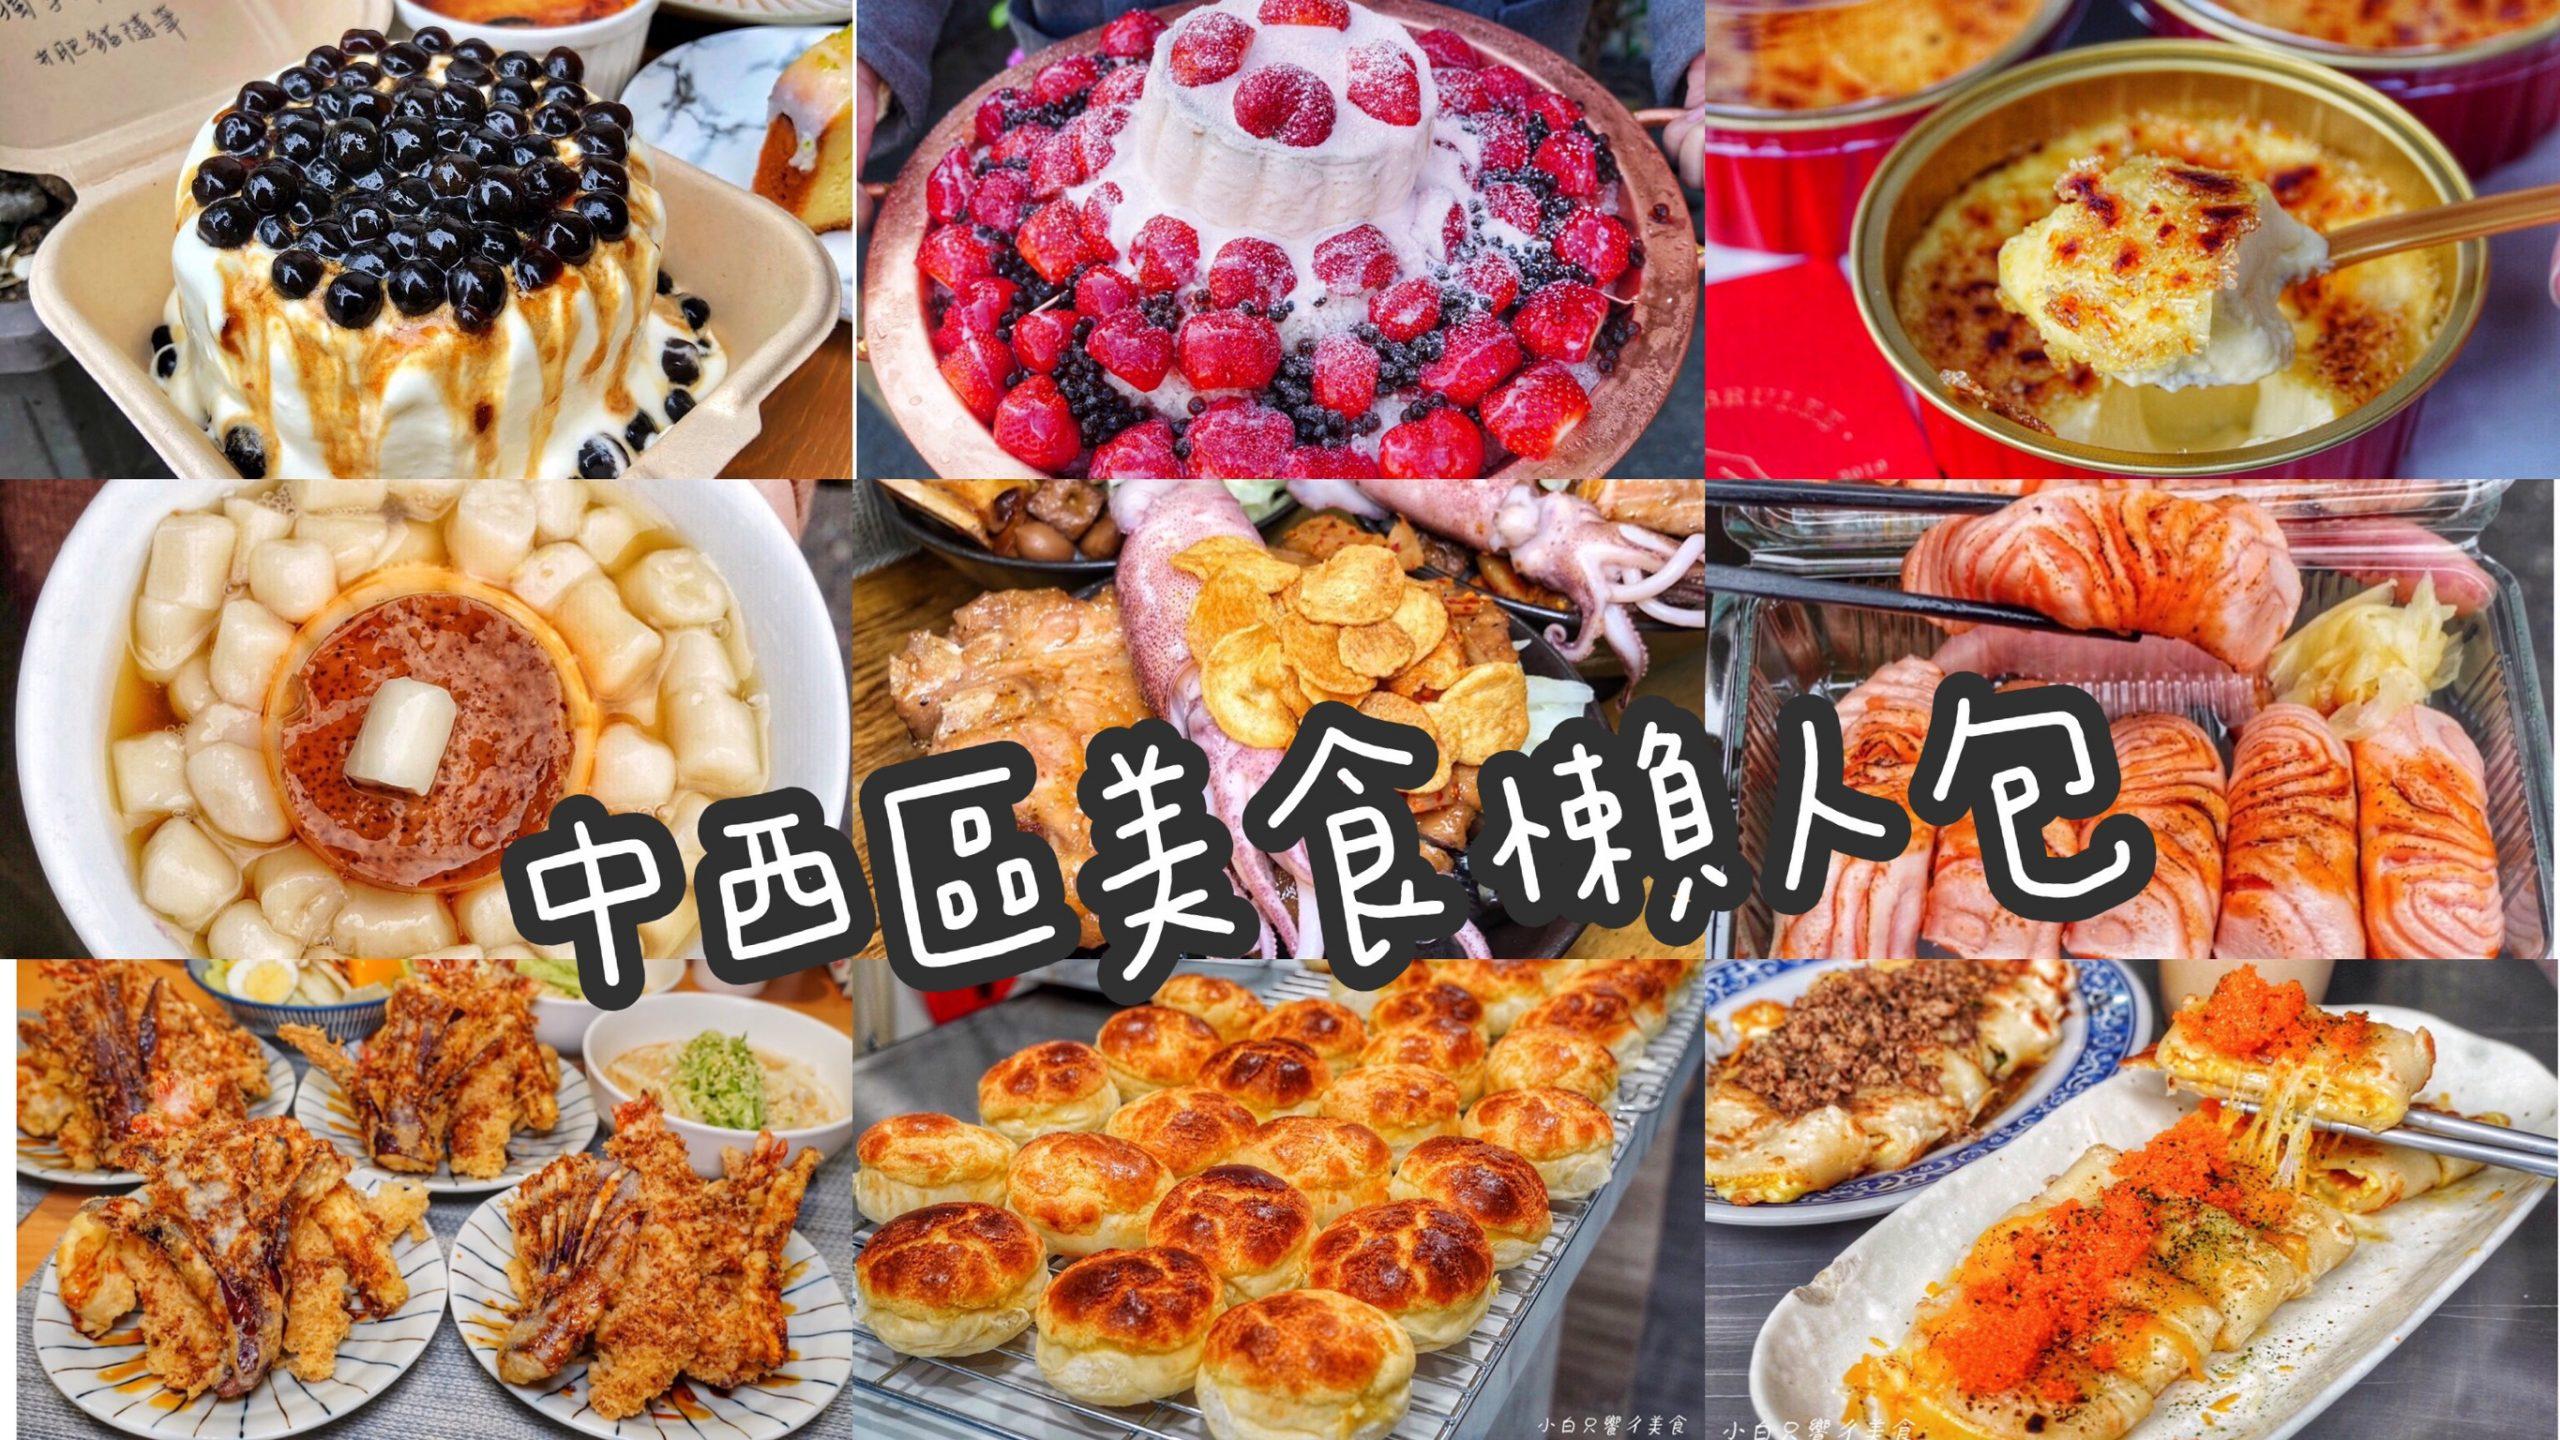 【台南美食】2021台南中西區美食懶人包!精選100間台南必吃美食 / 隱藏版台南小吃報你知 (持續更新中)